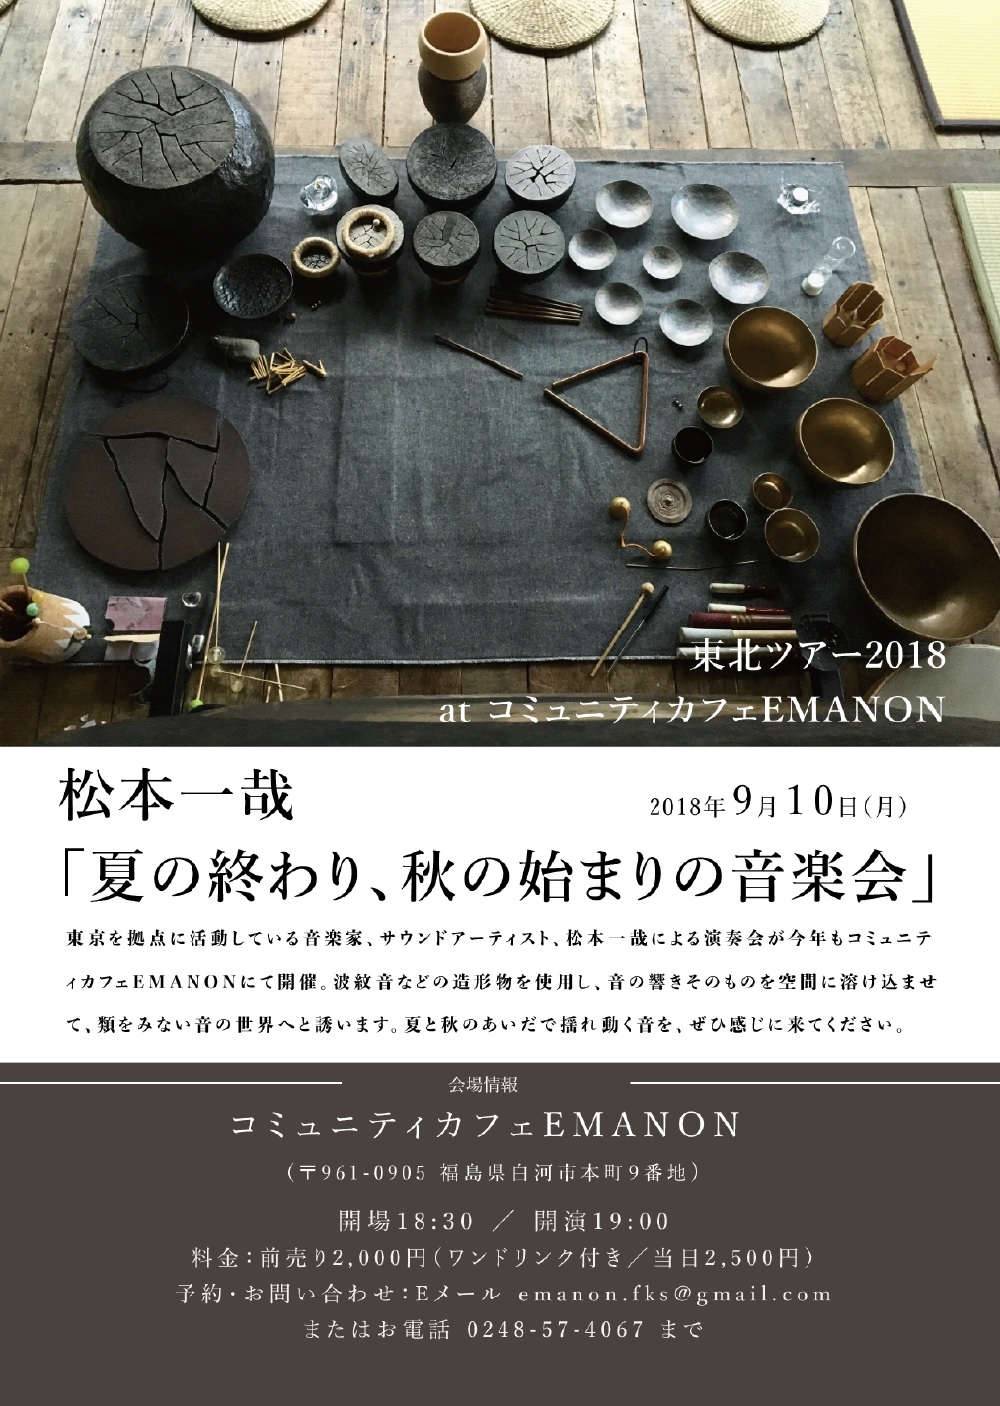 matsumoto_kazuya180910-1